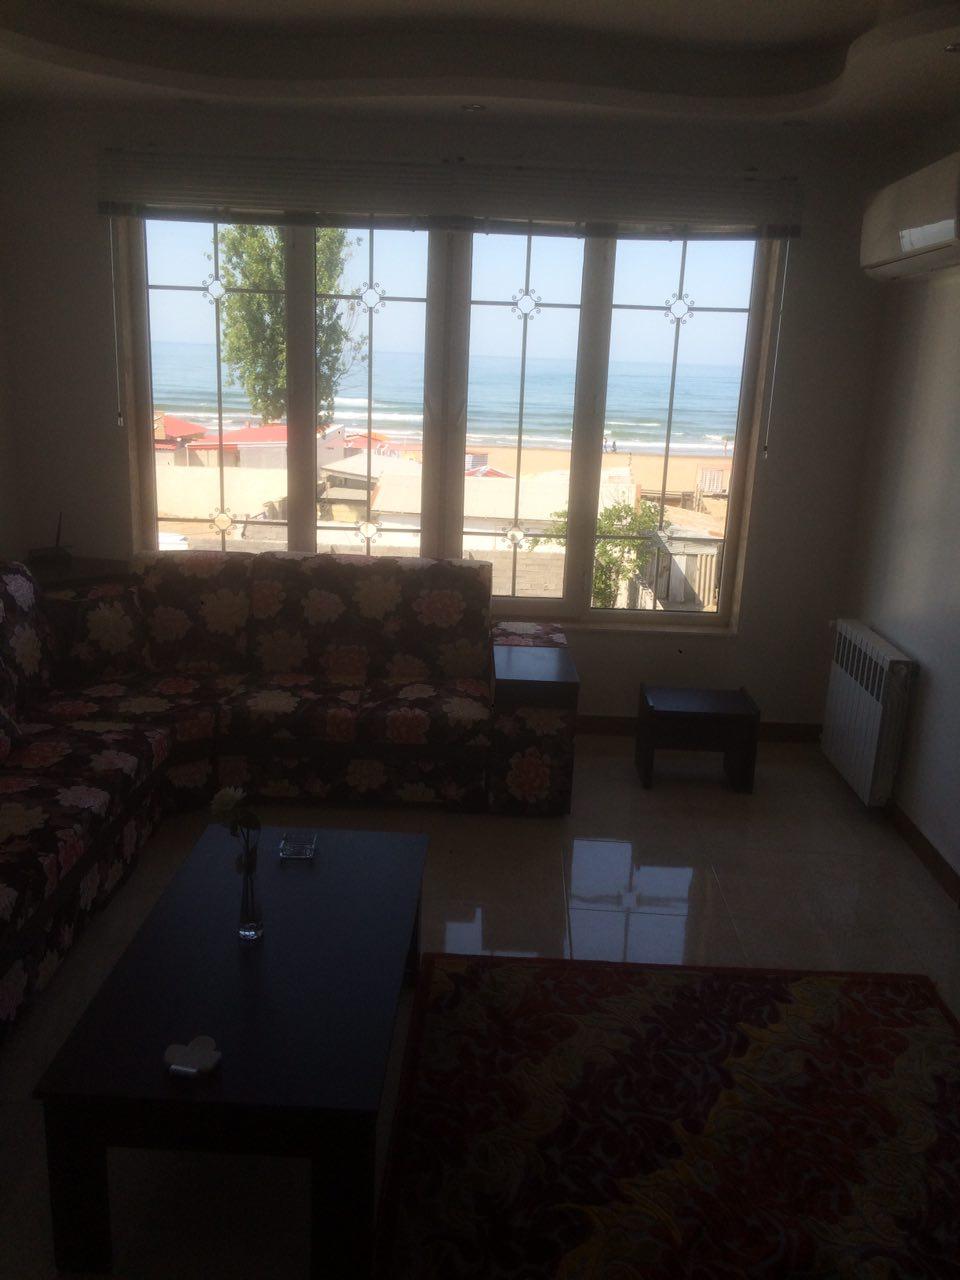 رزرو هتل اپارتمان ساحلی در بندر انزلی(کد:۱۳۳۴)